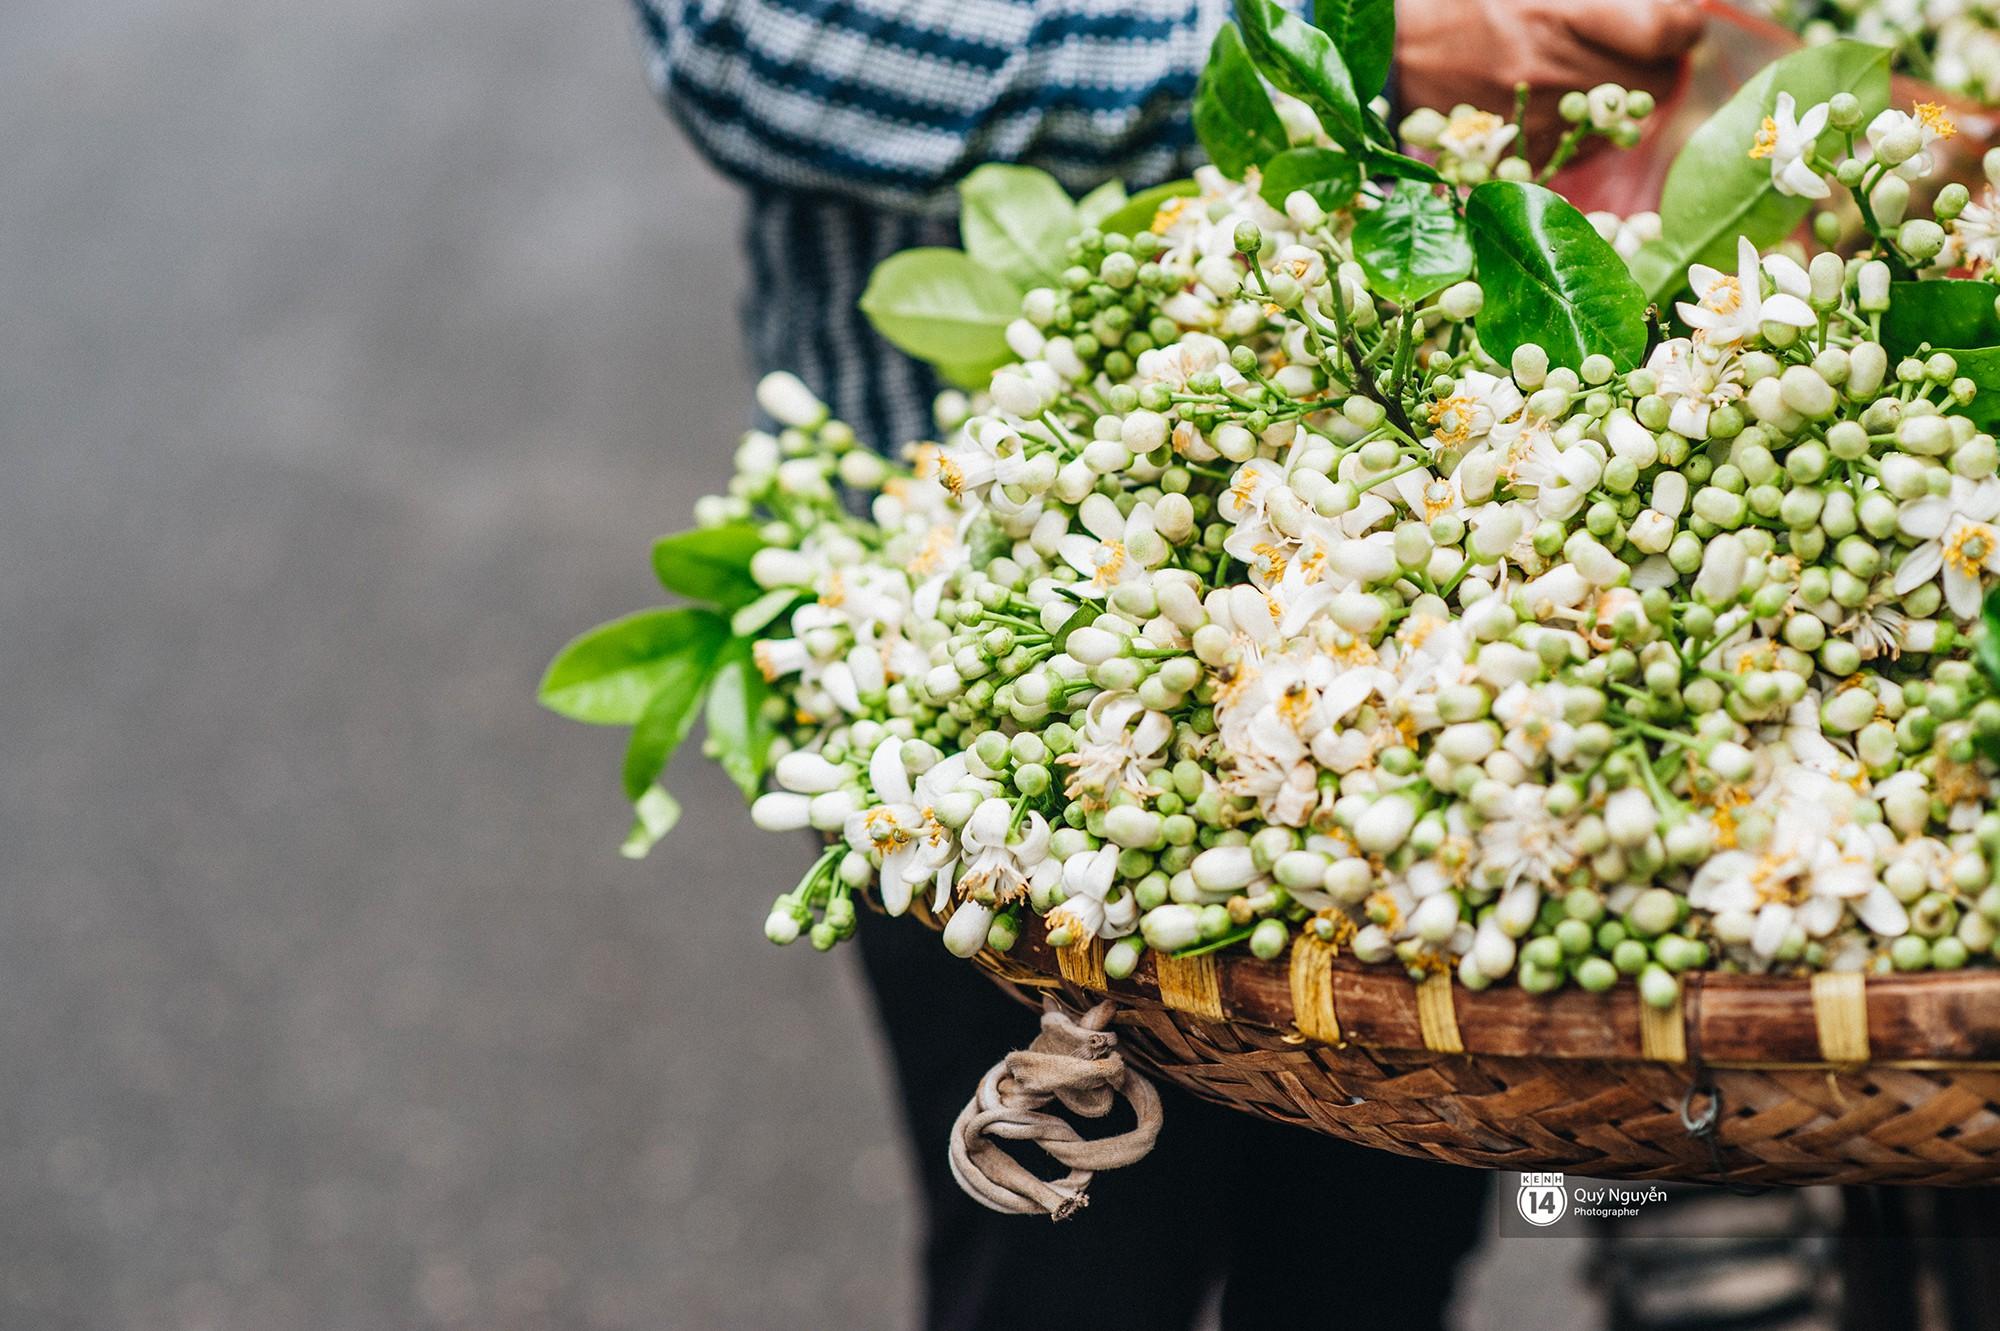 Mùa hoa bưởi phủ trắng phố phường, nhưng được mấy người biết đến các món ăn với hoa bưởi này? - Ảnh 2.